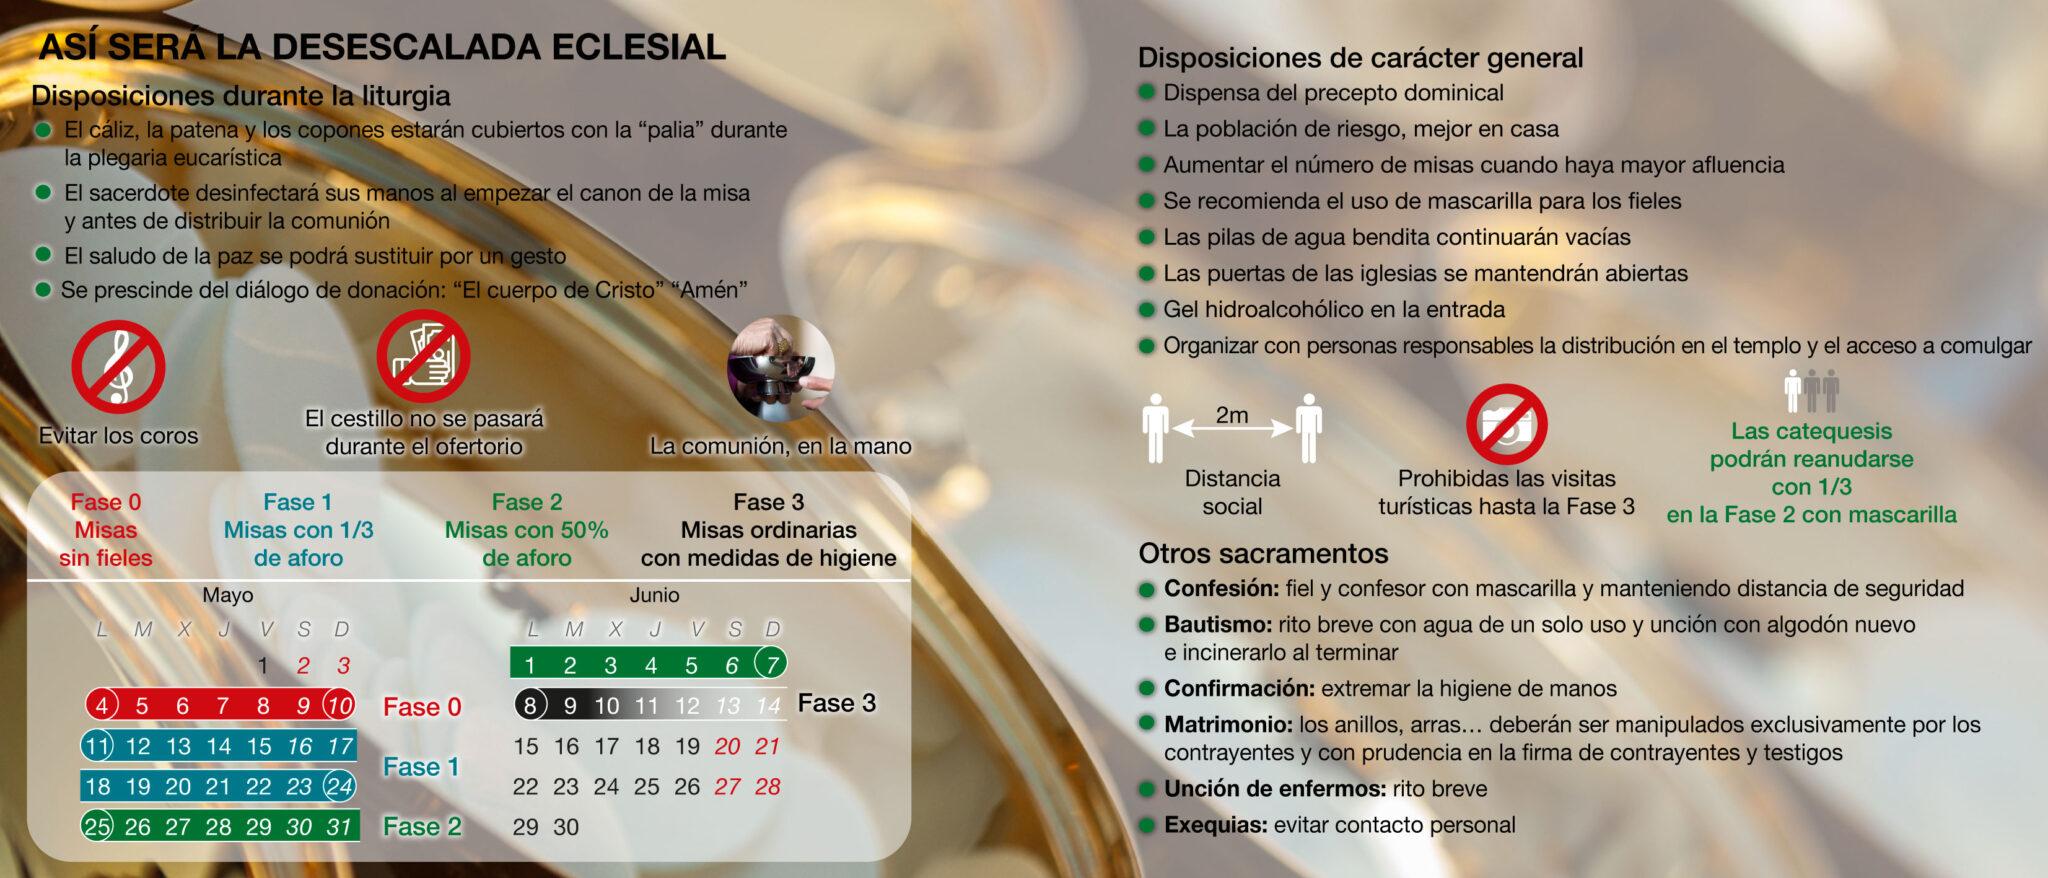 Así es la desescalada eclesial en España